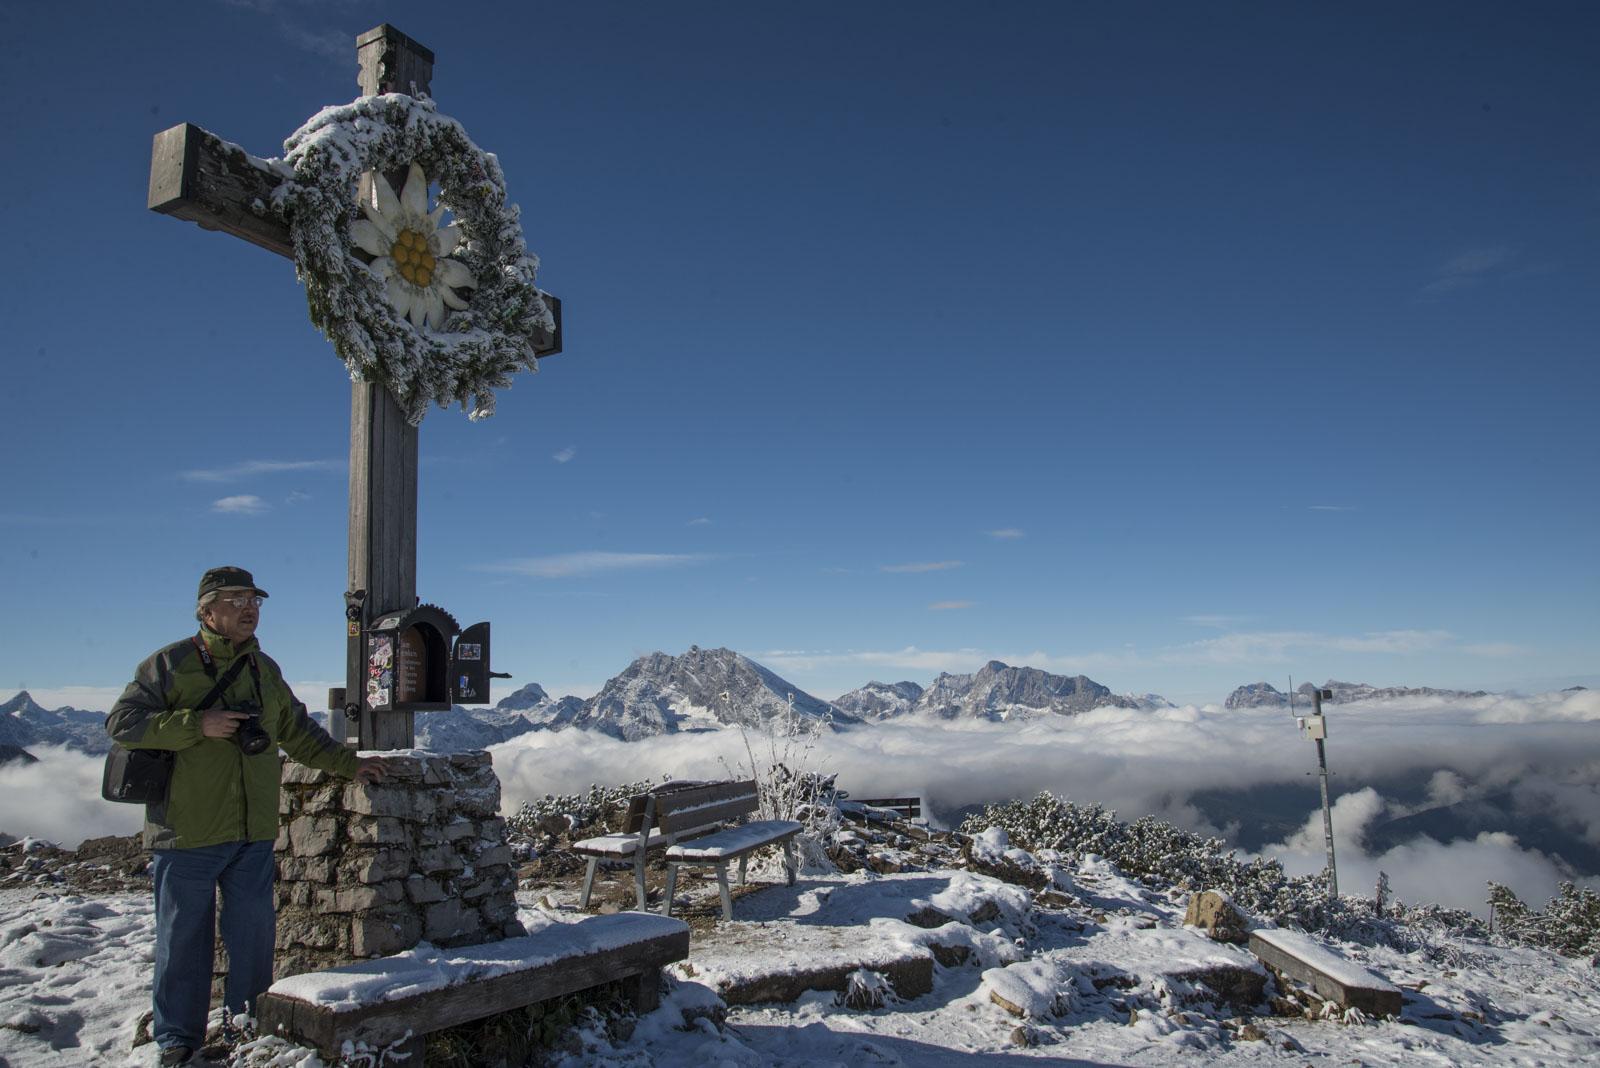 Korset med Edelwiss var et populært sted å bli tatt bilde ved.